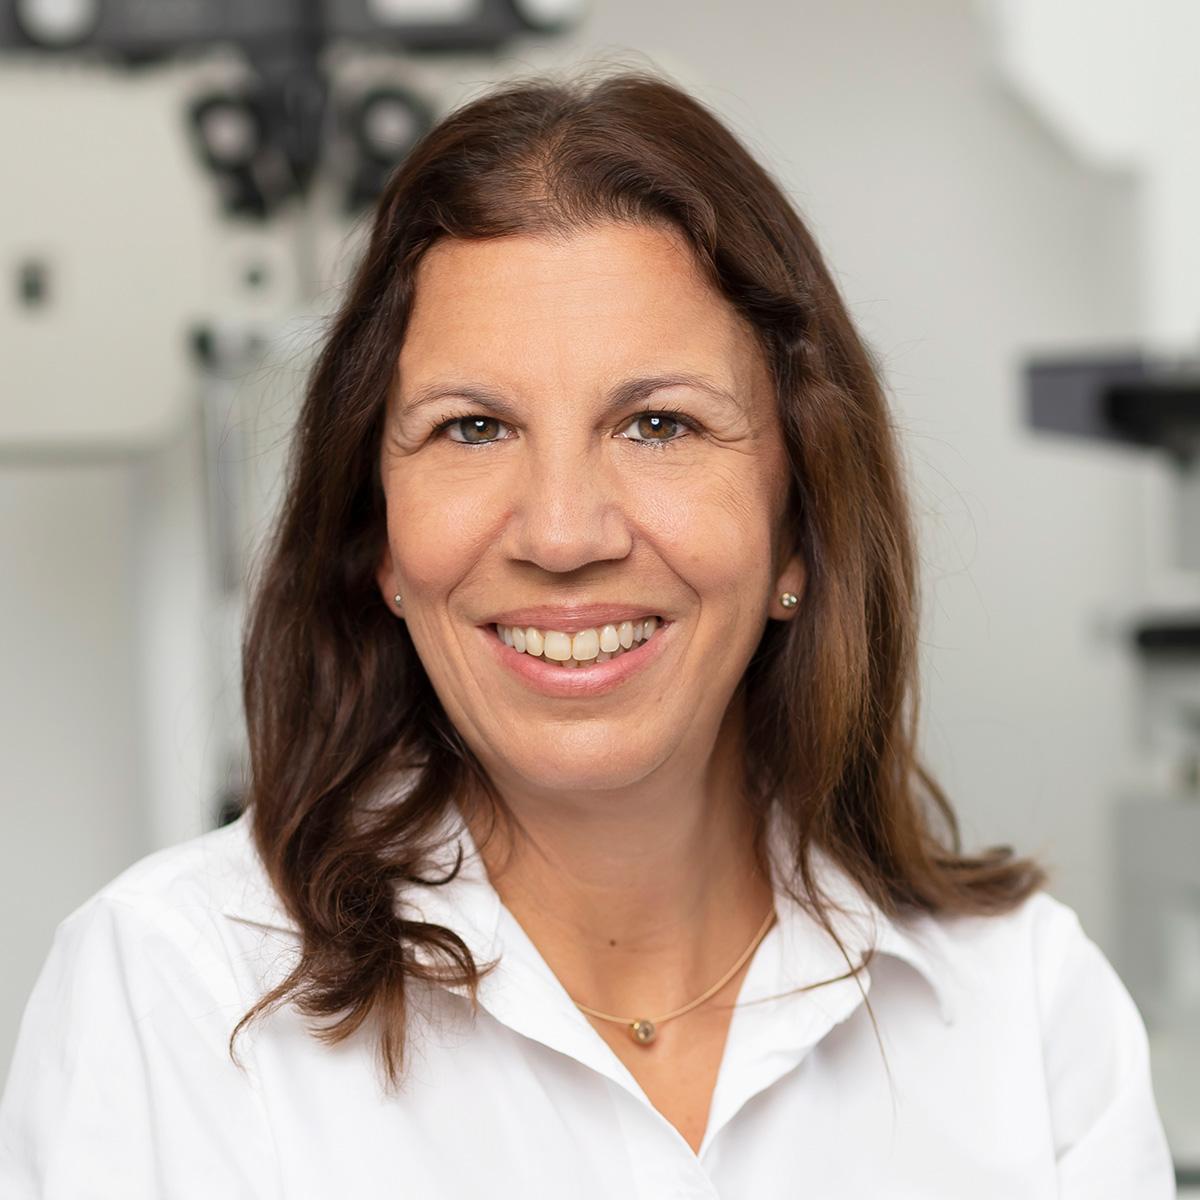 Dr med Astrid Sader-Moritz